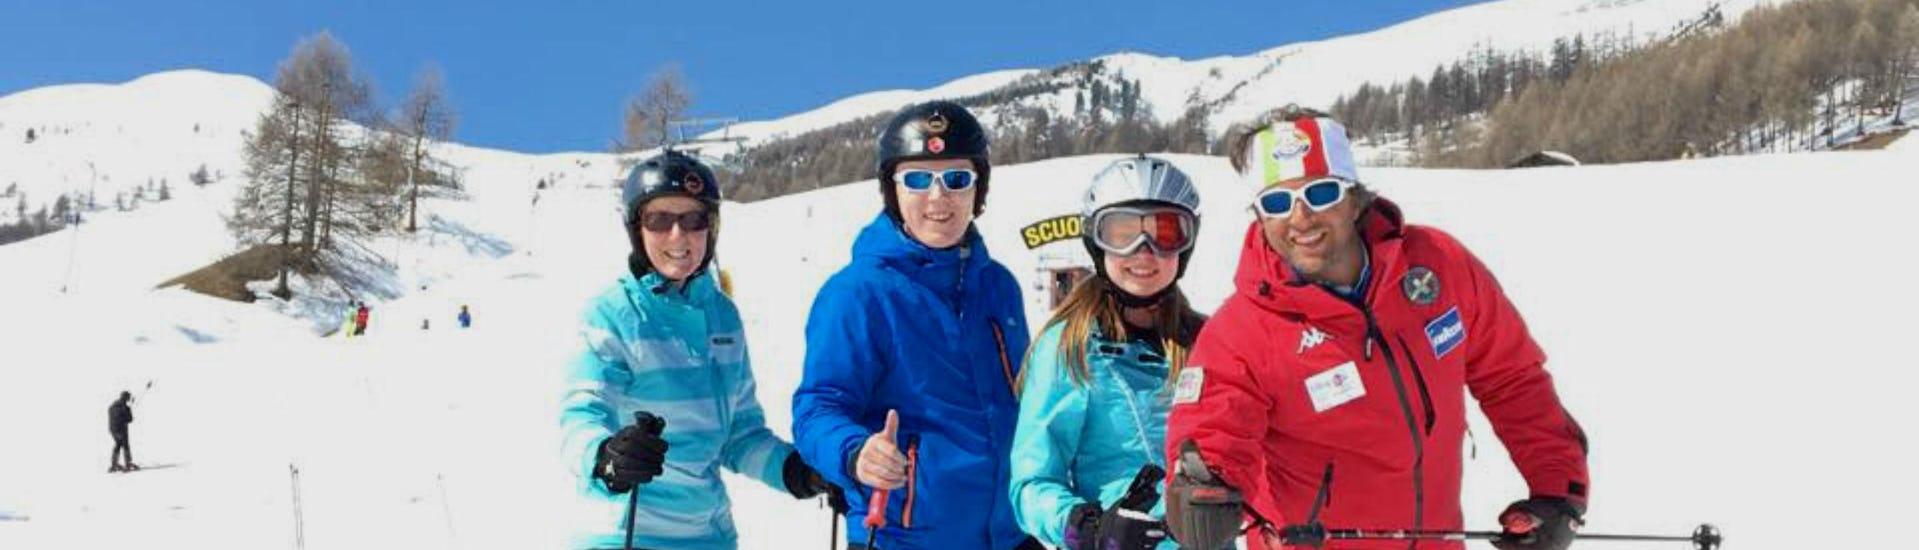 ski-lessons-for-adults-all-levels-scuola-di-sci-e-snowboard-livigno-italy-hero